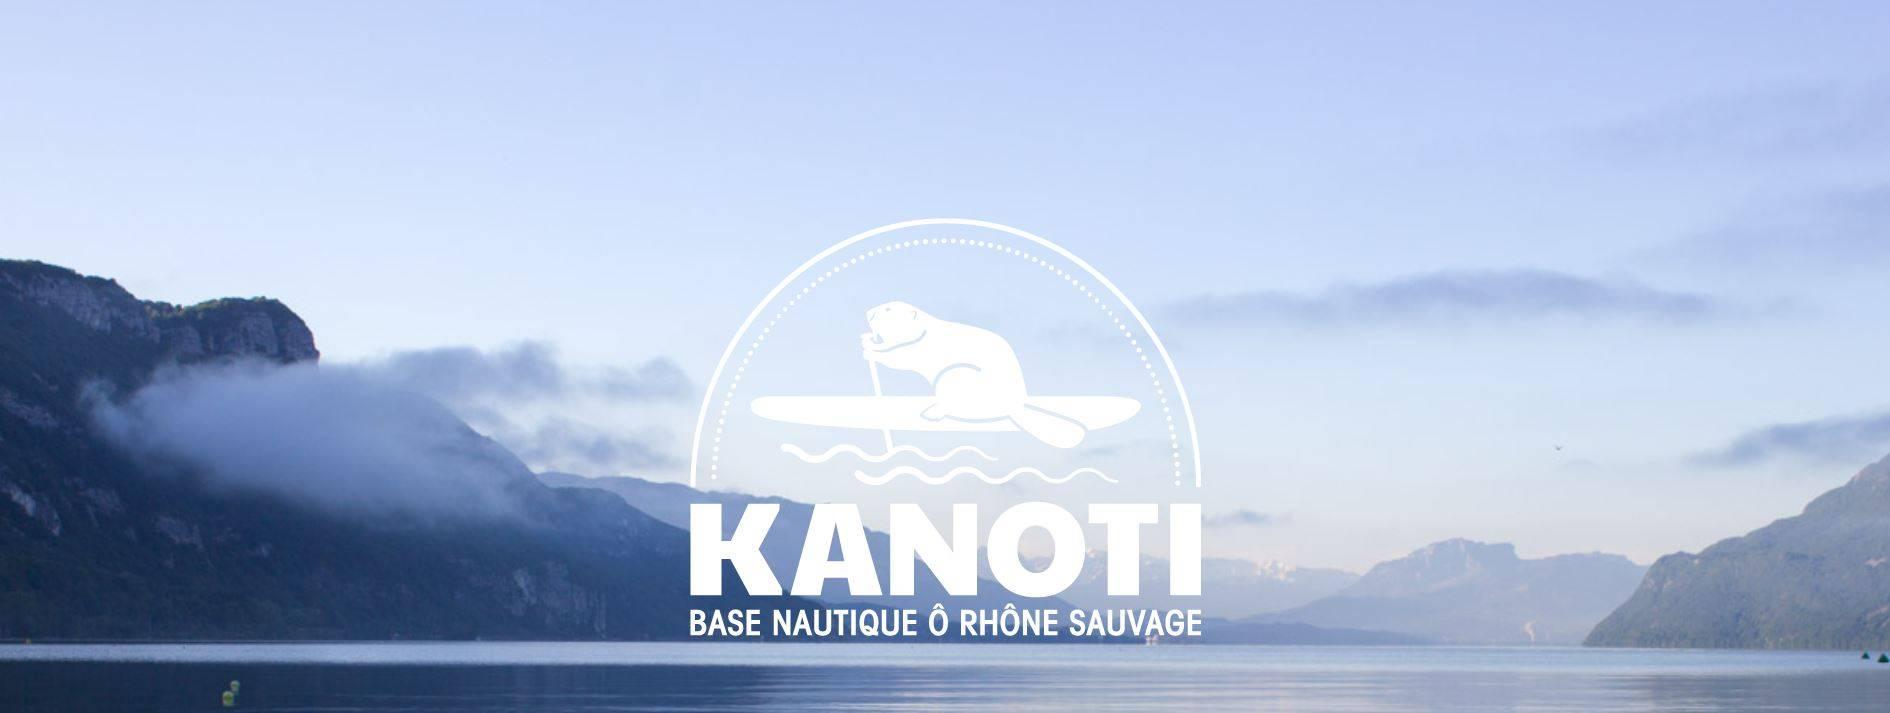 Photo 1: Canoë sur le Rhône sauvage ! Kanoti !